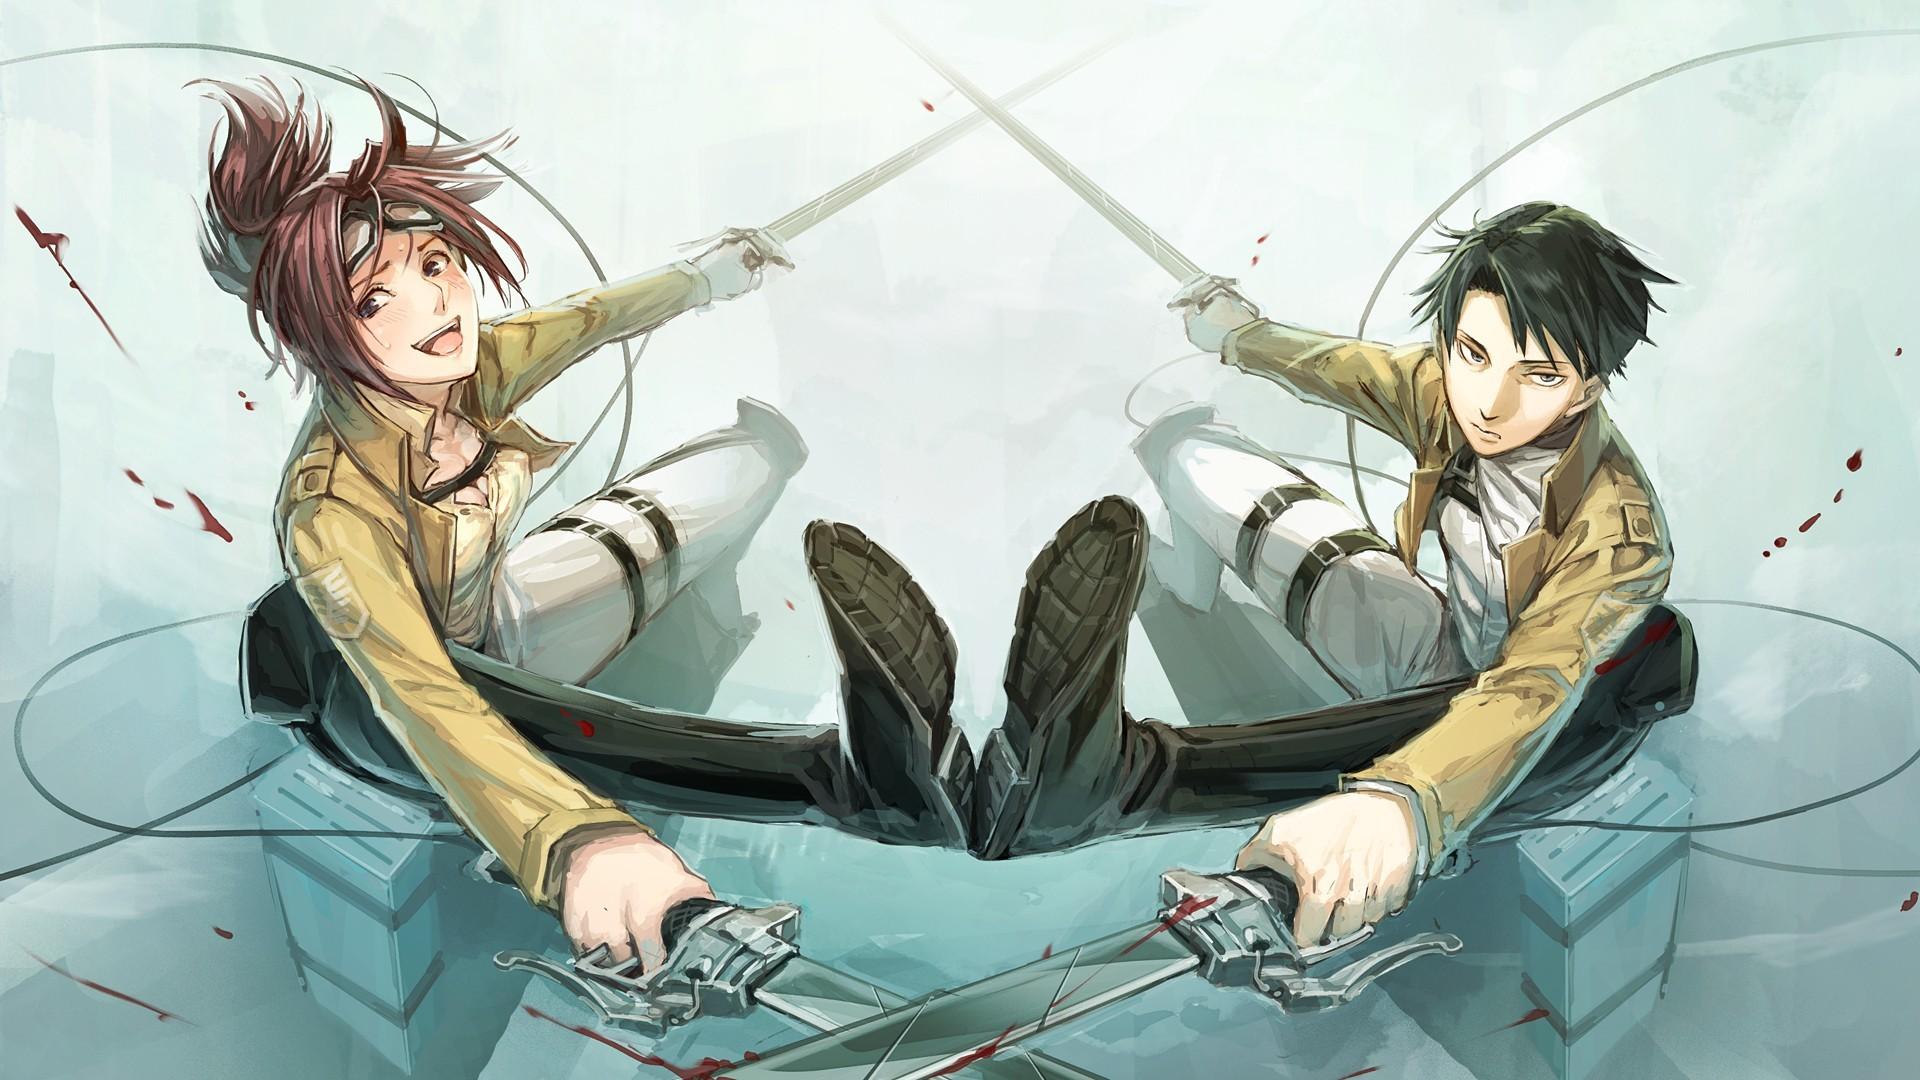 Fondos de pantalla : ilustración, Anime, dibujos animados ...